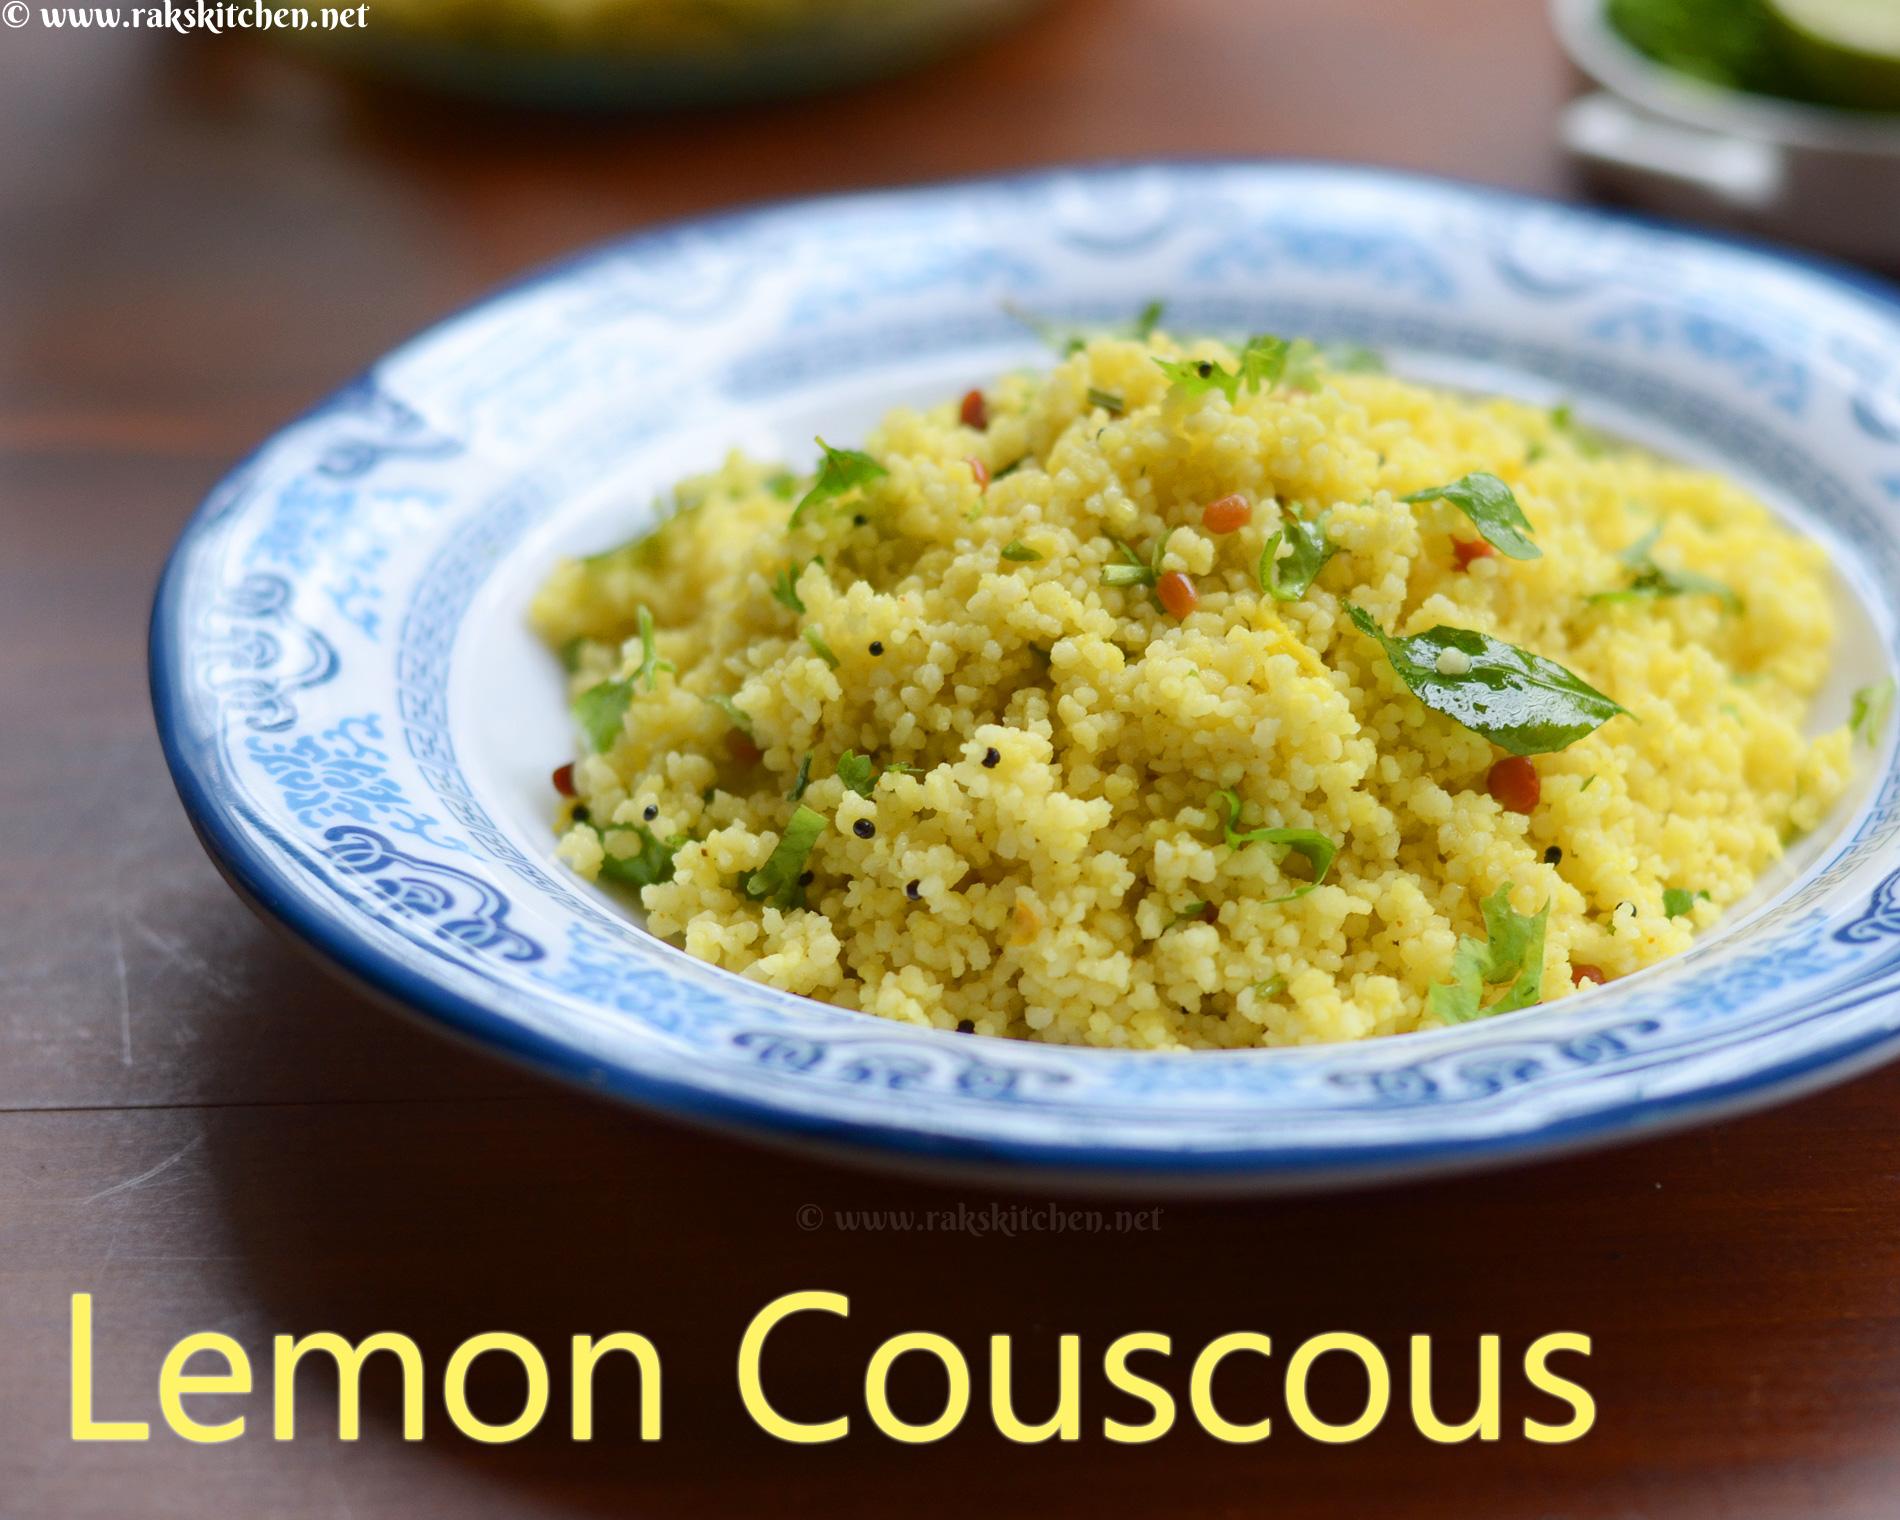 Lemon Couscous recipe, south Indian couscous recipes